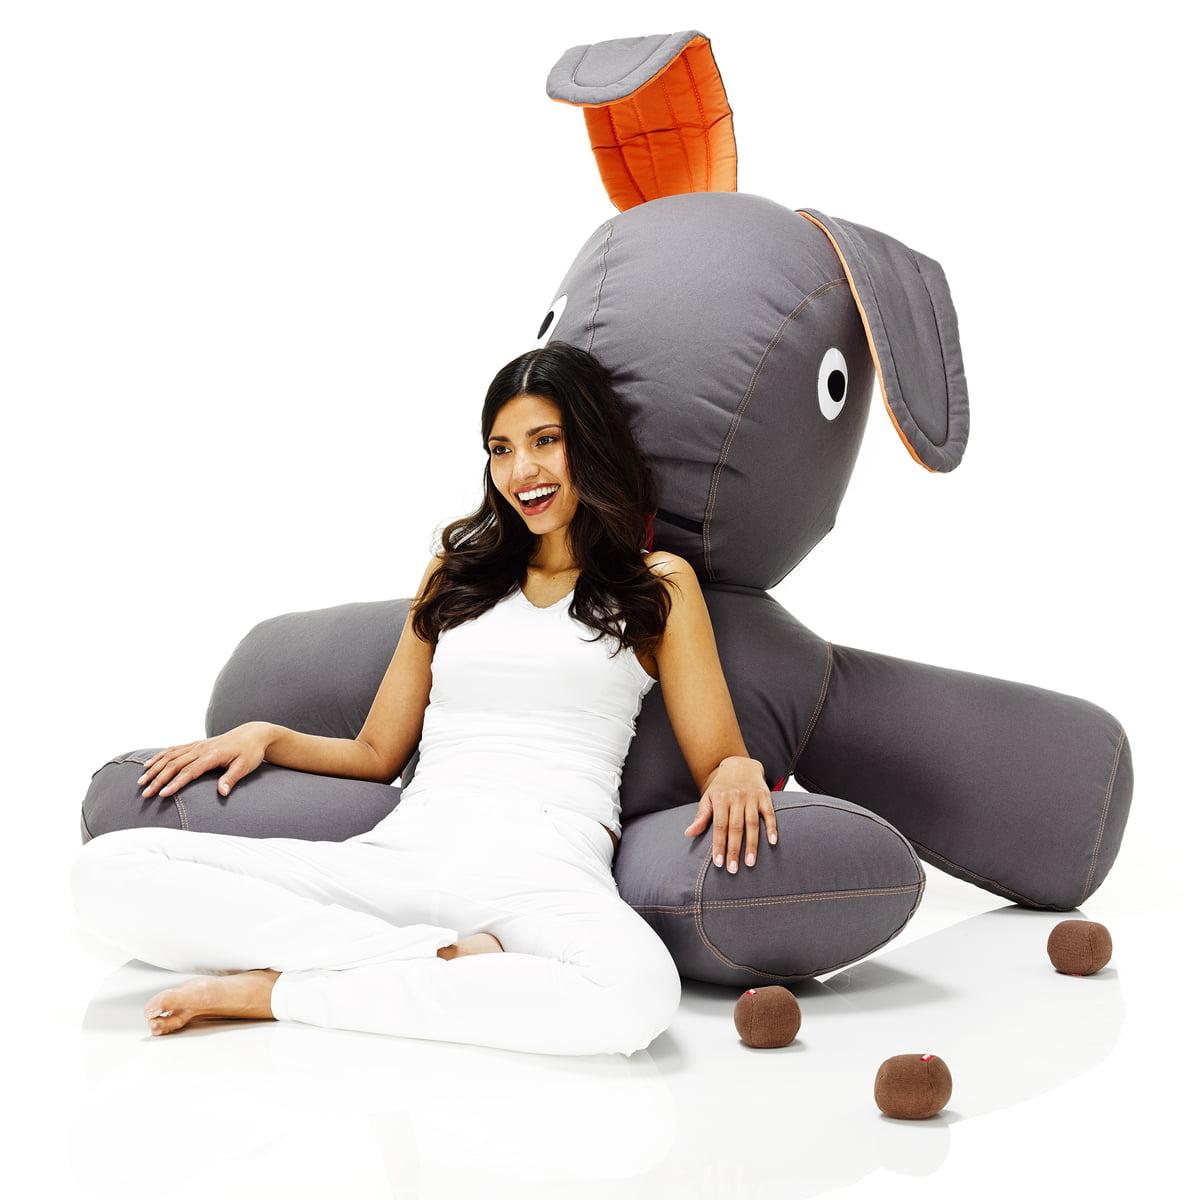 Charming Einfache Dekoration Und Mobel Fatboy Co Xs #9: Fatboy, Kaninchen XS - Situation Mit Frau, Sitzend